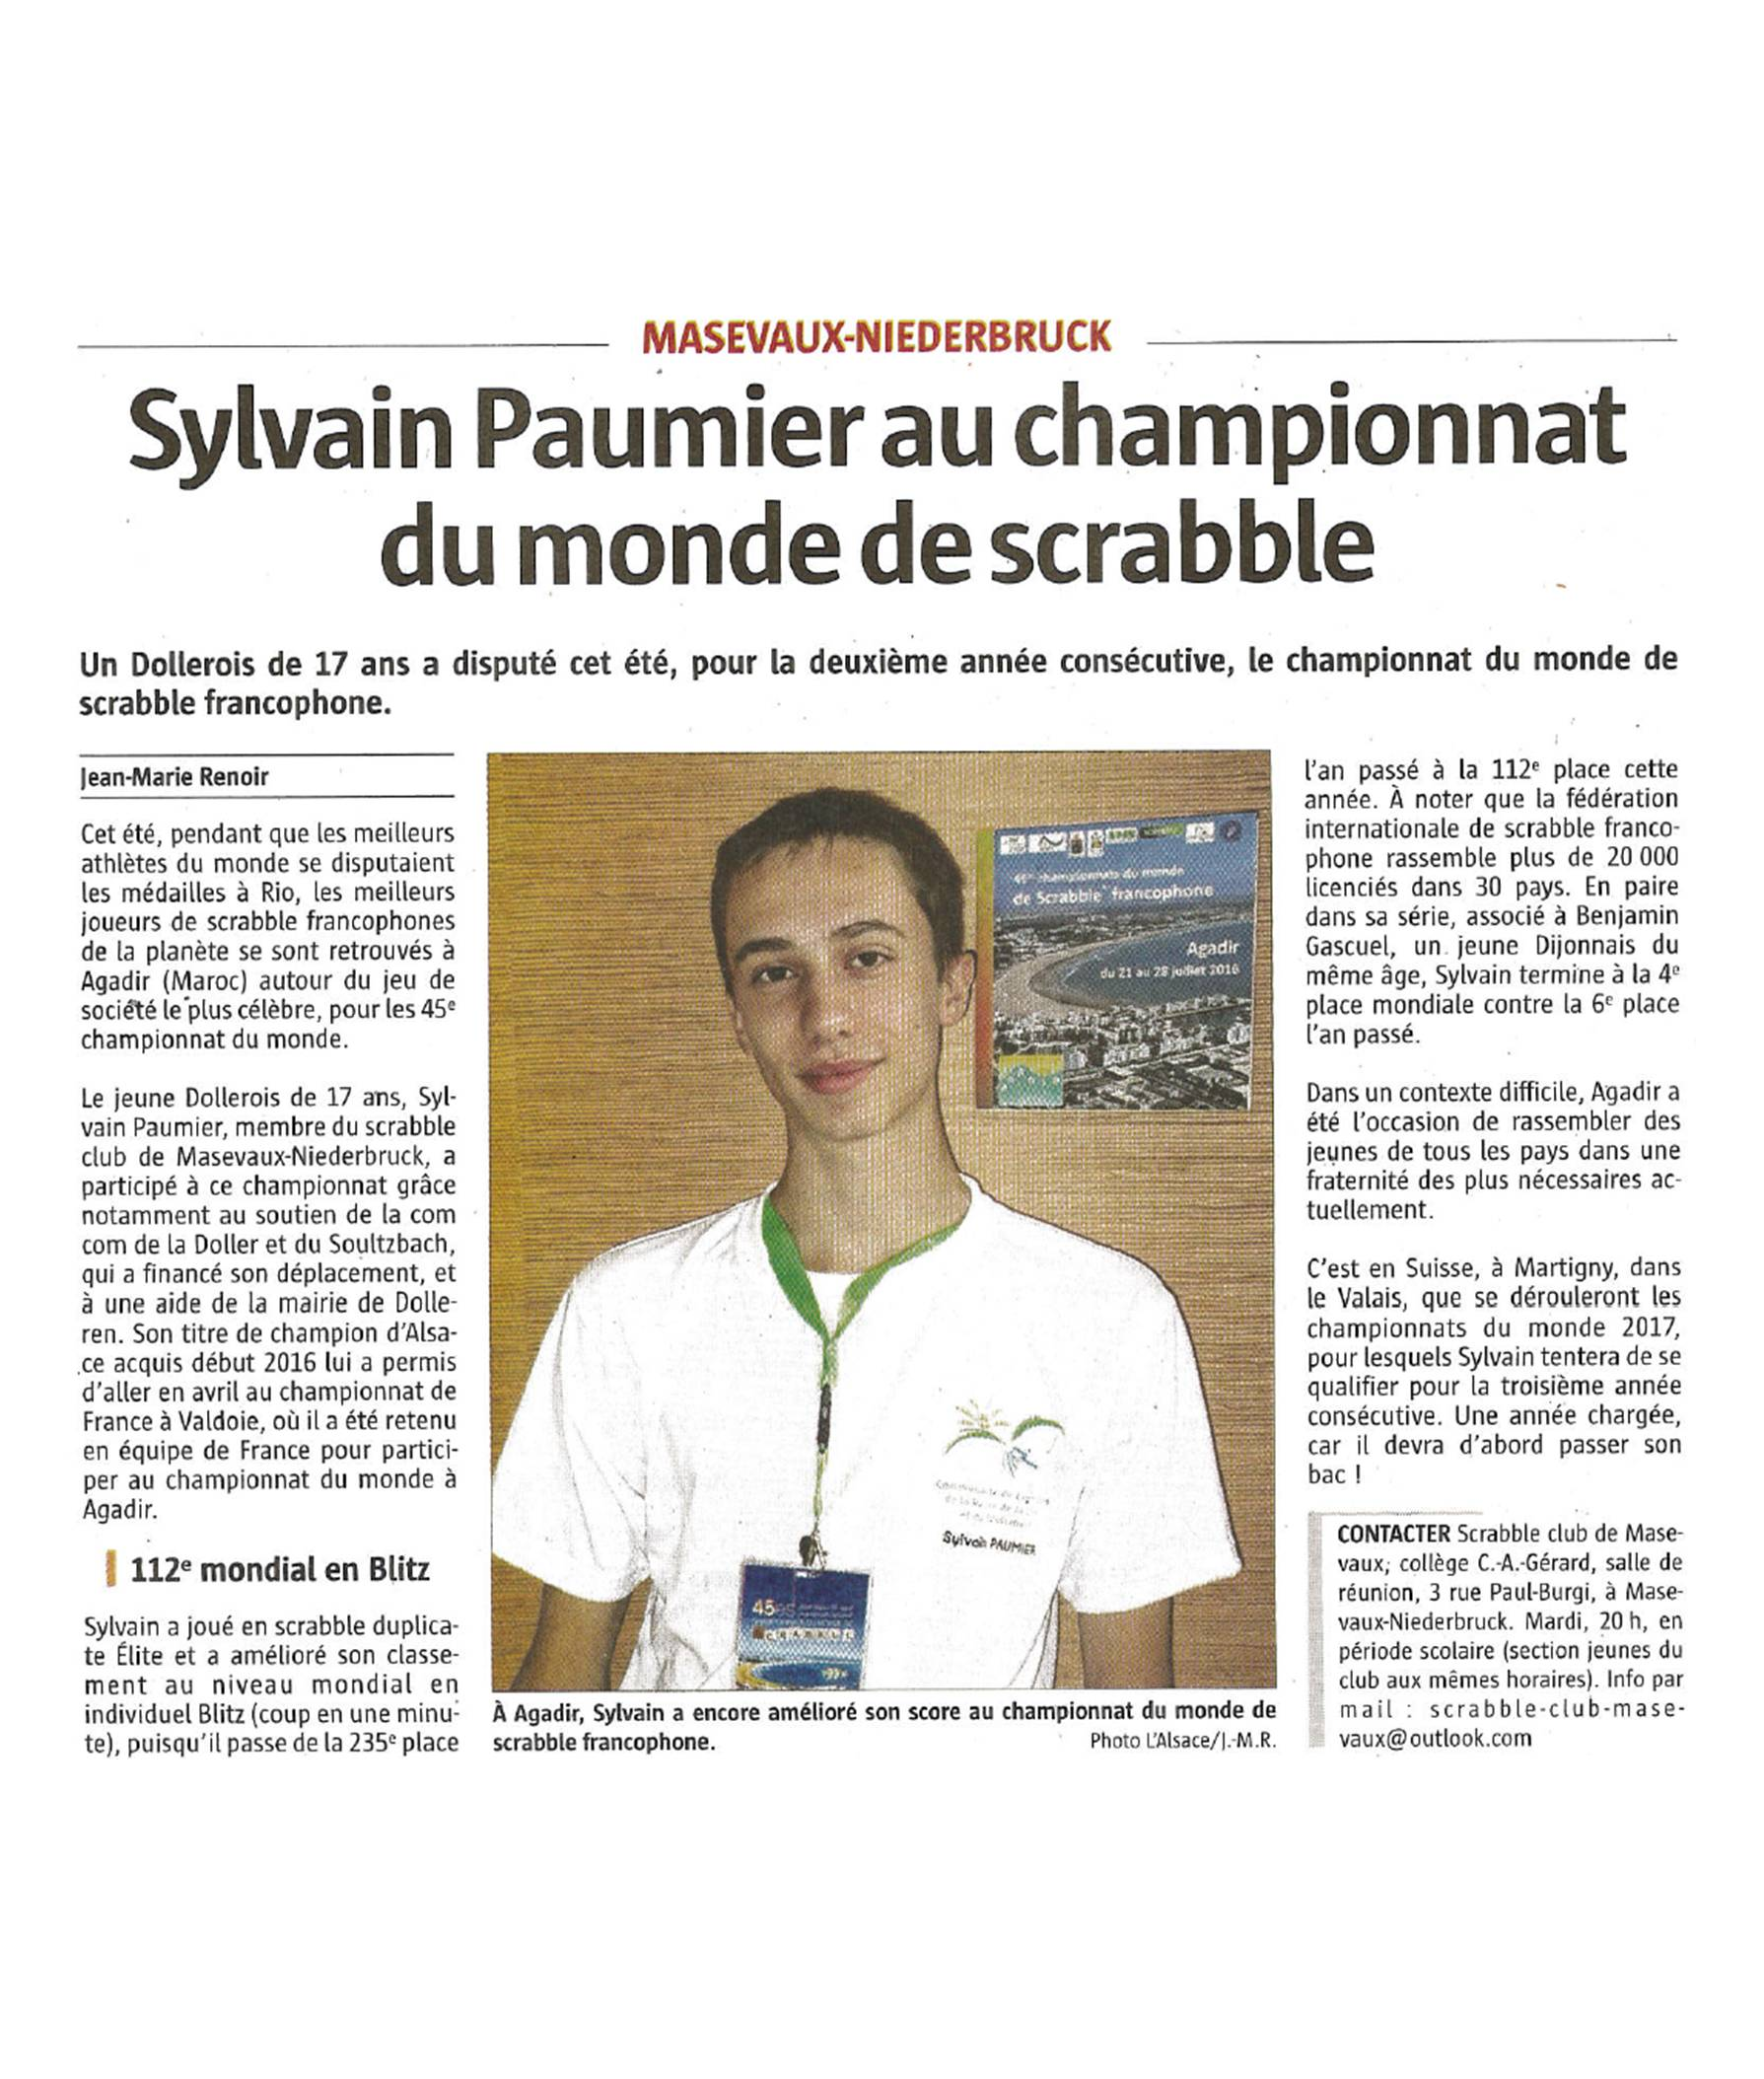 Sylvain Paumier au championnat du monde de scrabble - L'Alsace - 23-08-2016